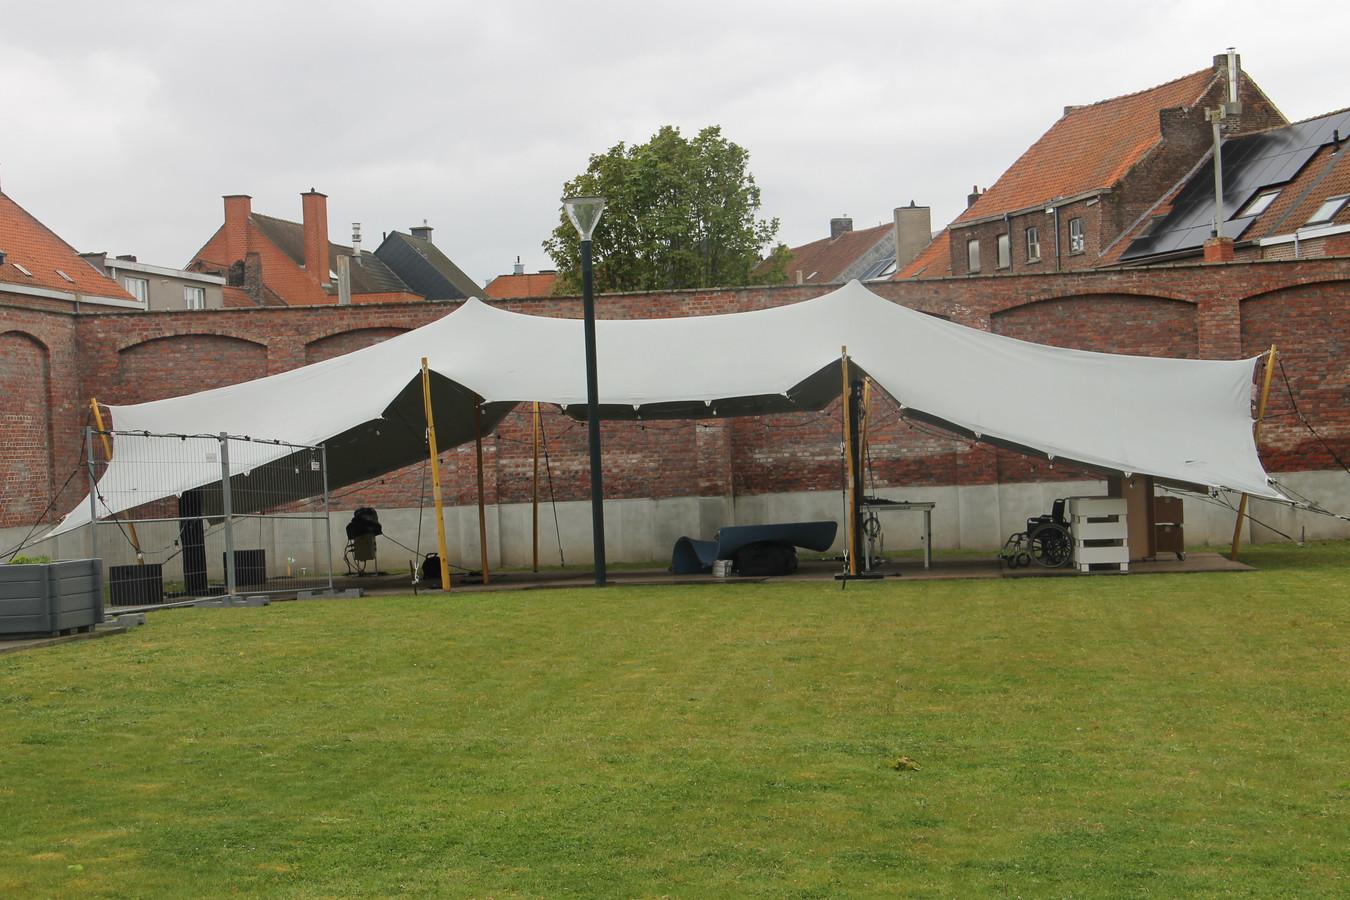 De tent die als buitenauditorium dienst doet op het binnenplein van het stadhuis in Izegem.